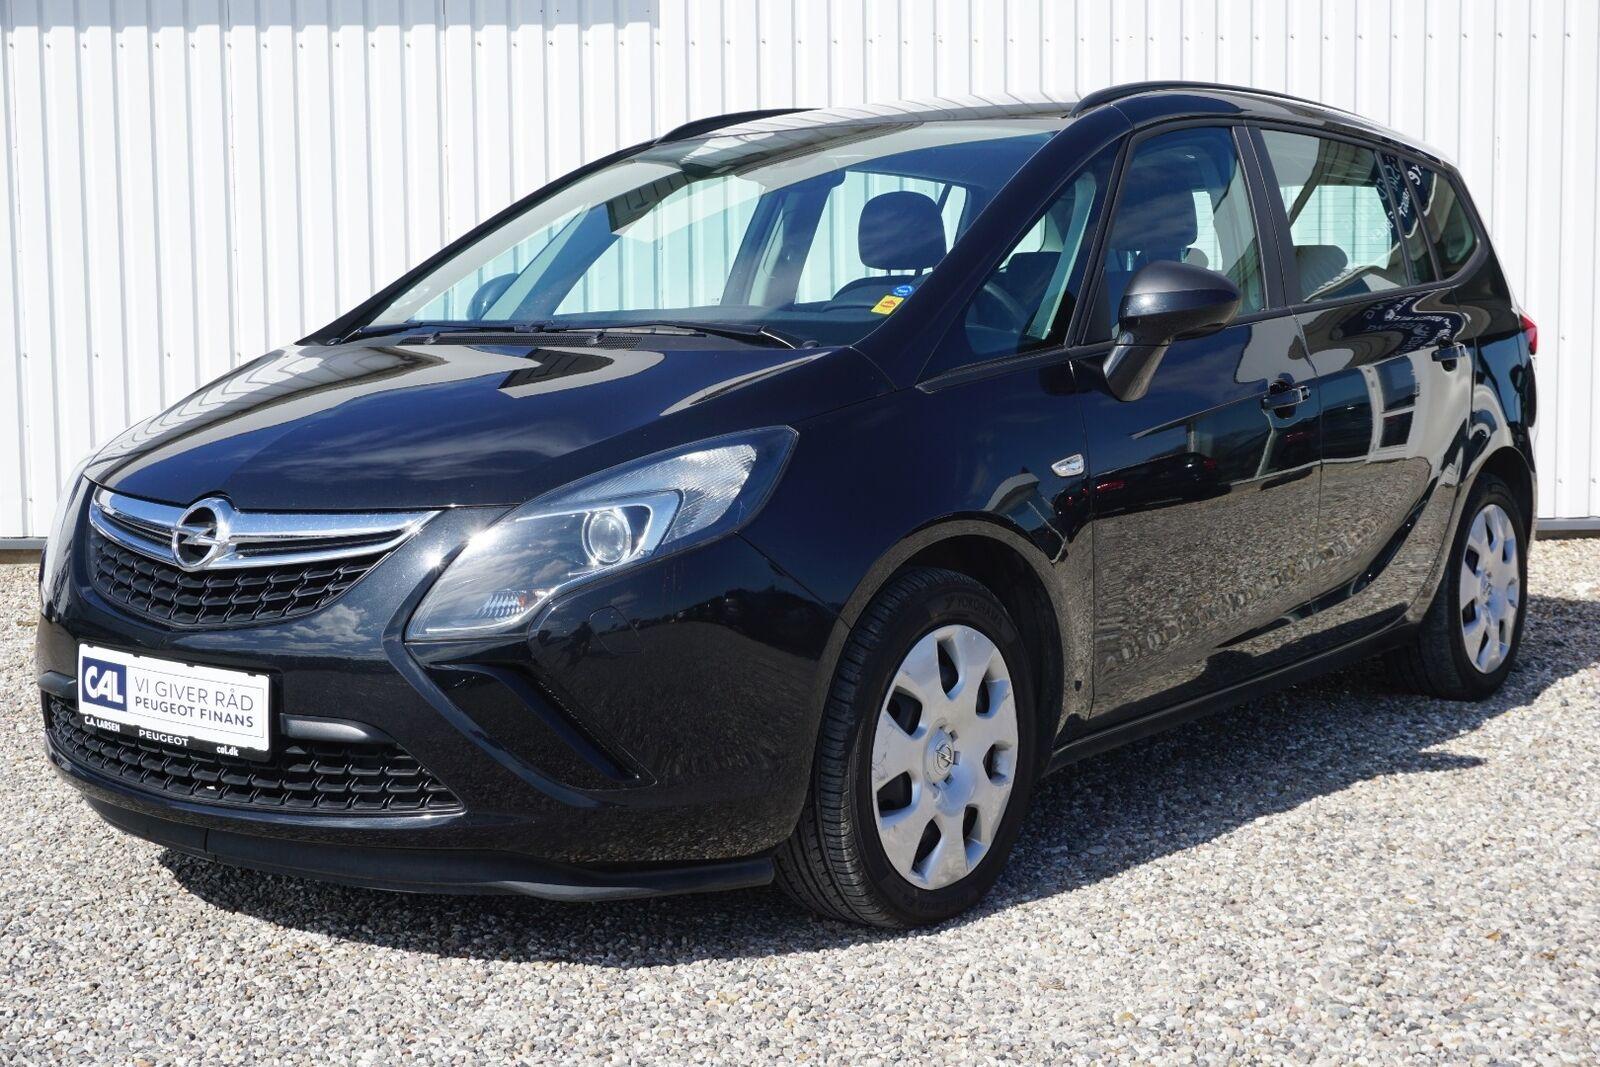 Opel Zafira Tourer 1,4 T 140 Cosmo aut. 5d - 159.900 kr.